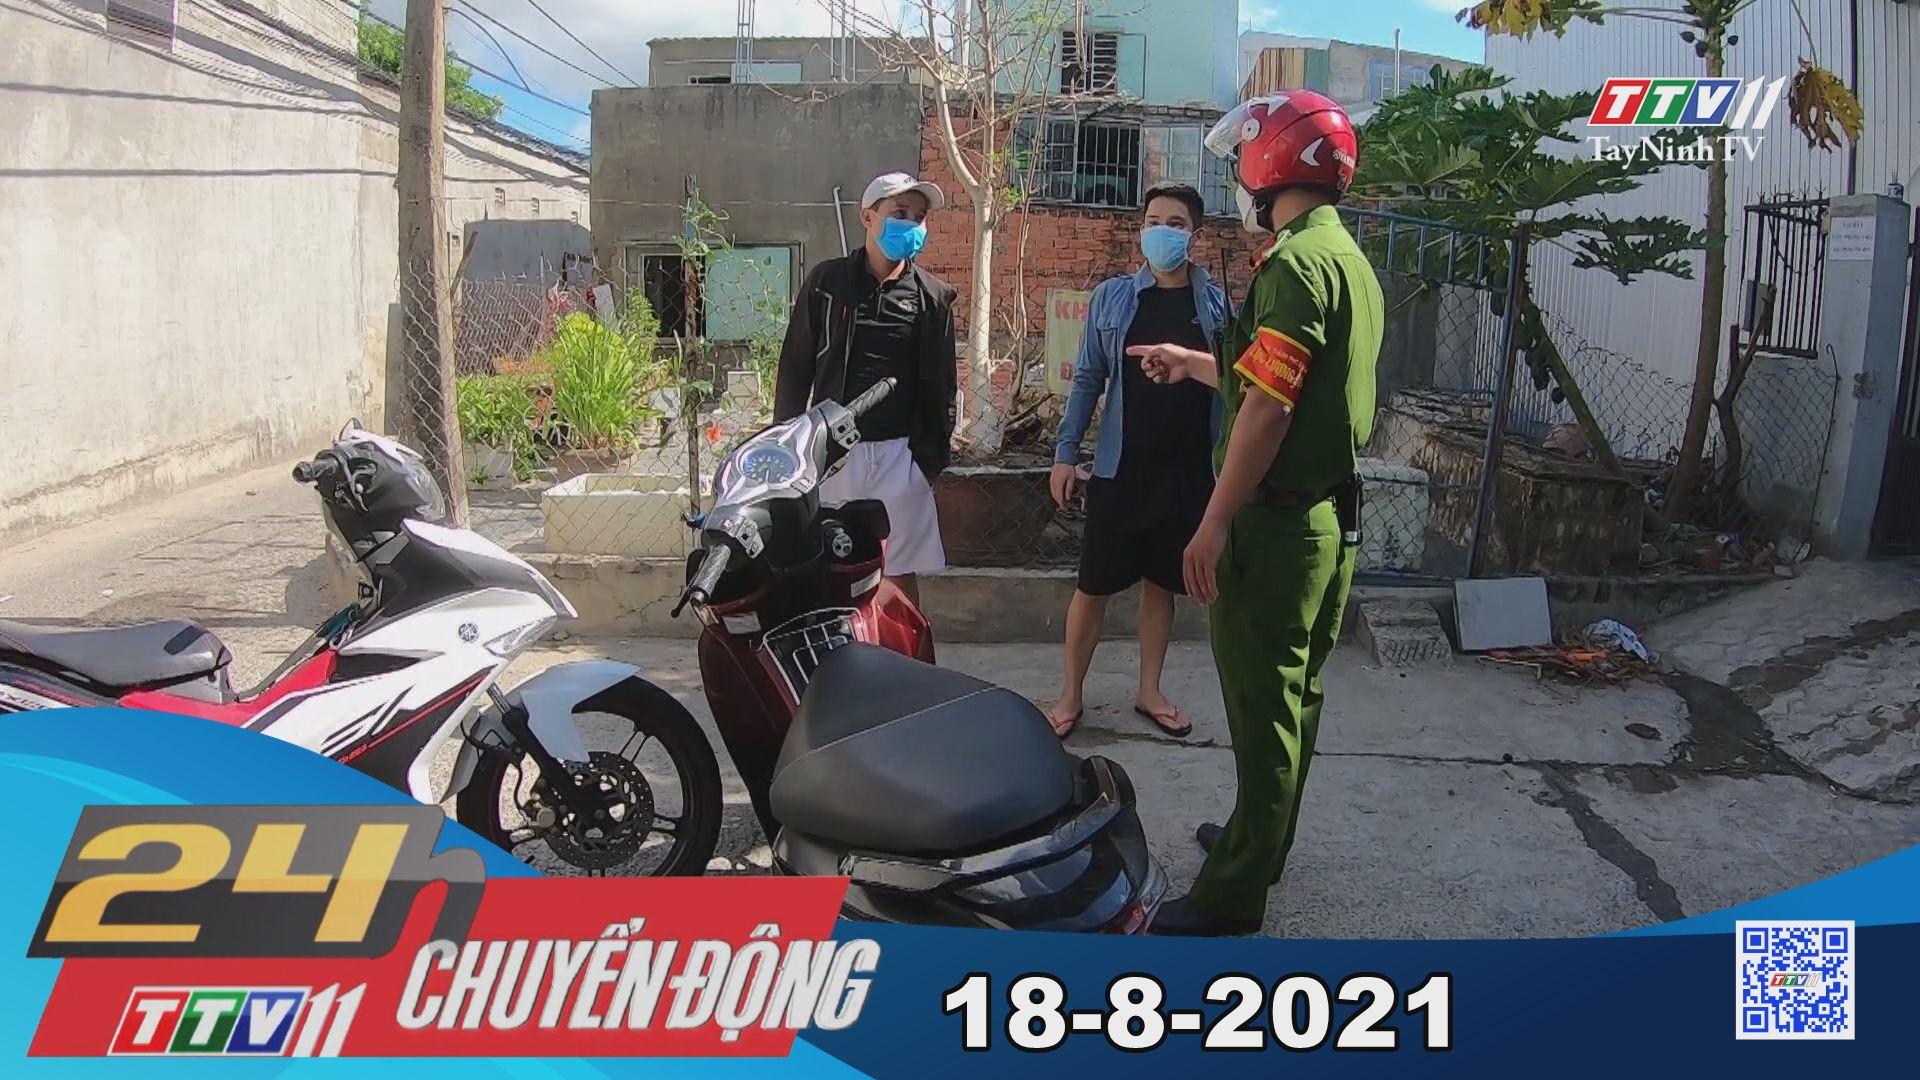 24h Chuyển động 18-8-2021   Tin tức hôm nay   TayNinhTV